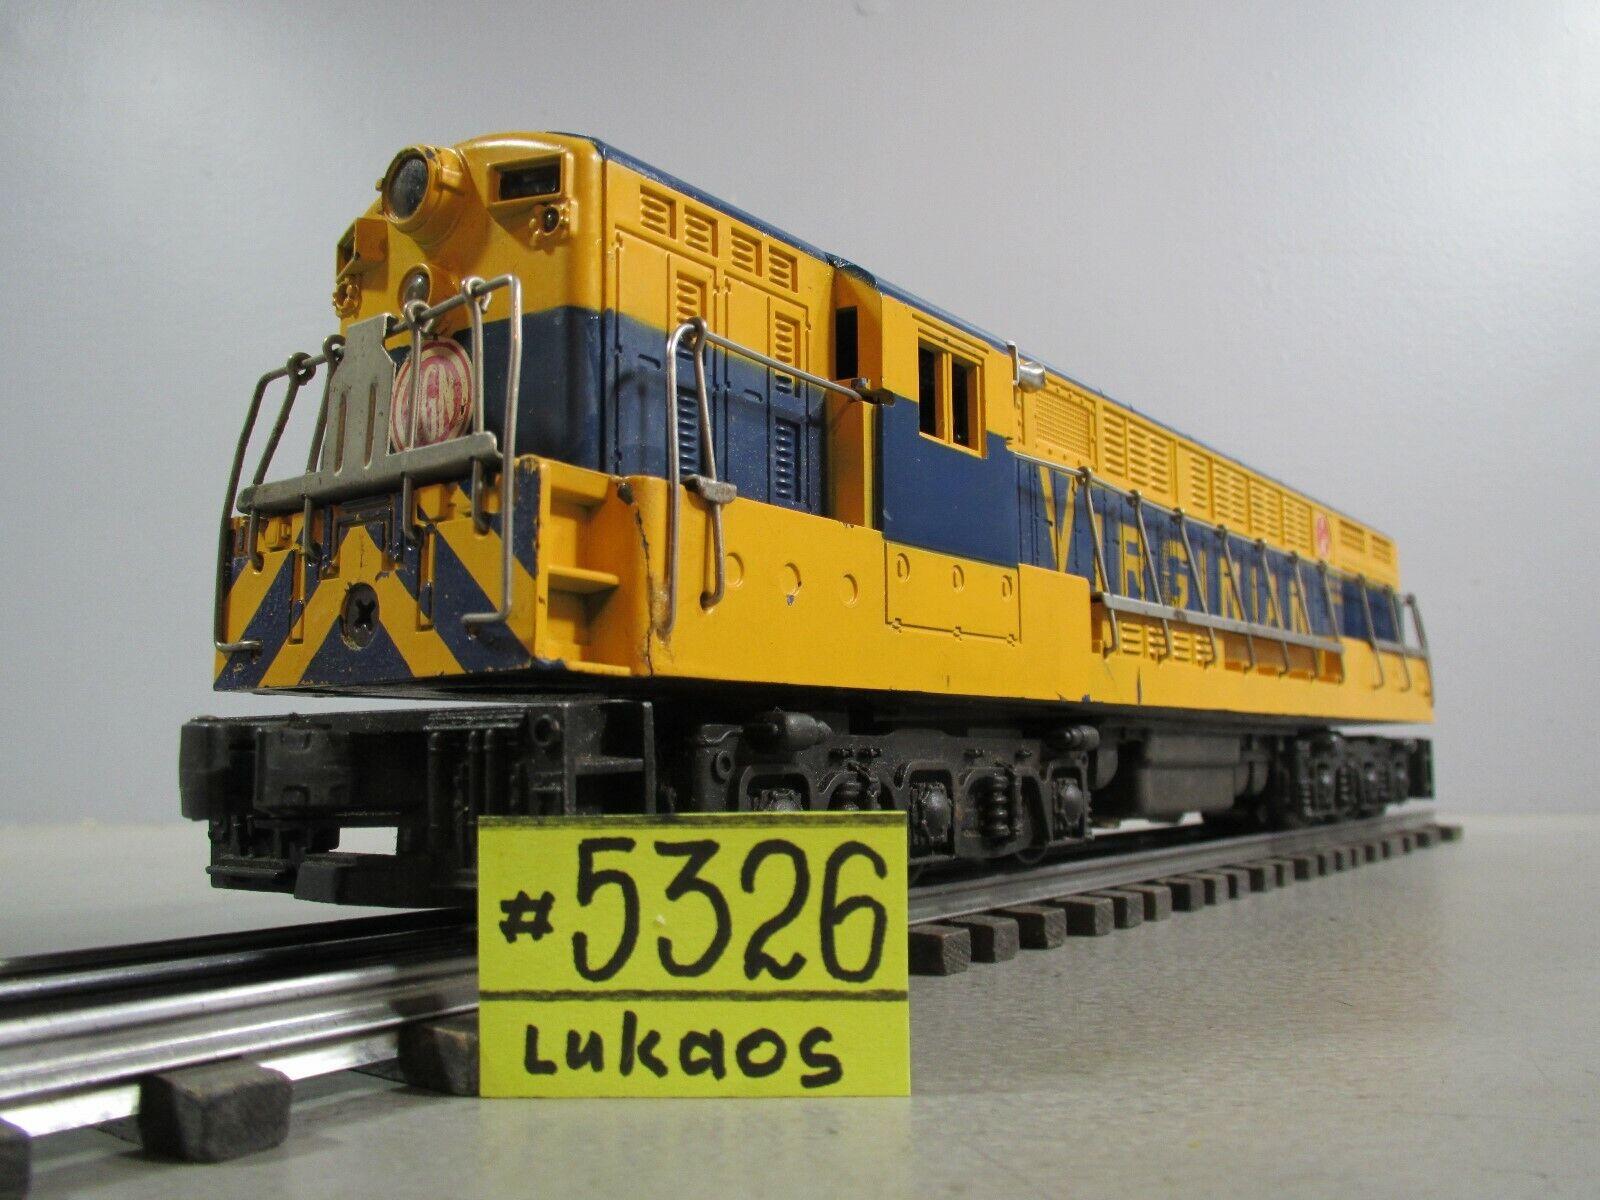 Lionel Nº 2331 Comun fm Trainmaster probado funciona bien hacia adelante & Reverce